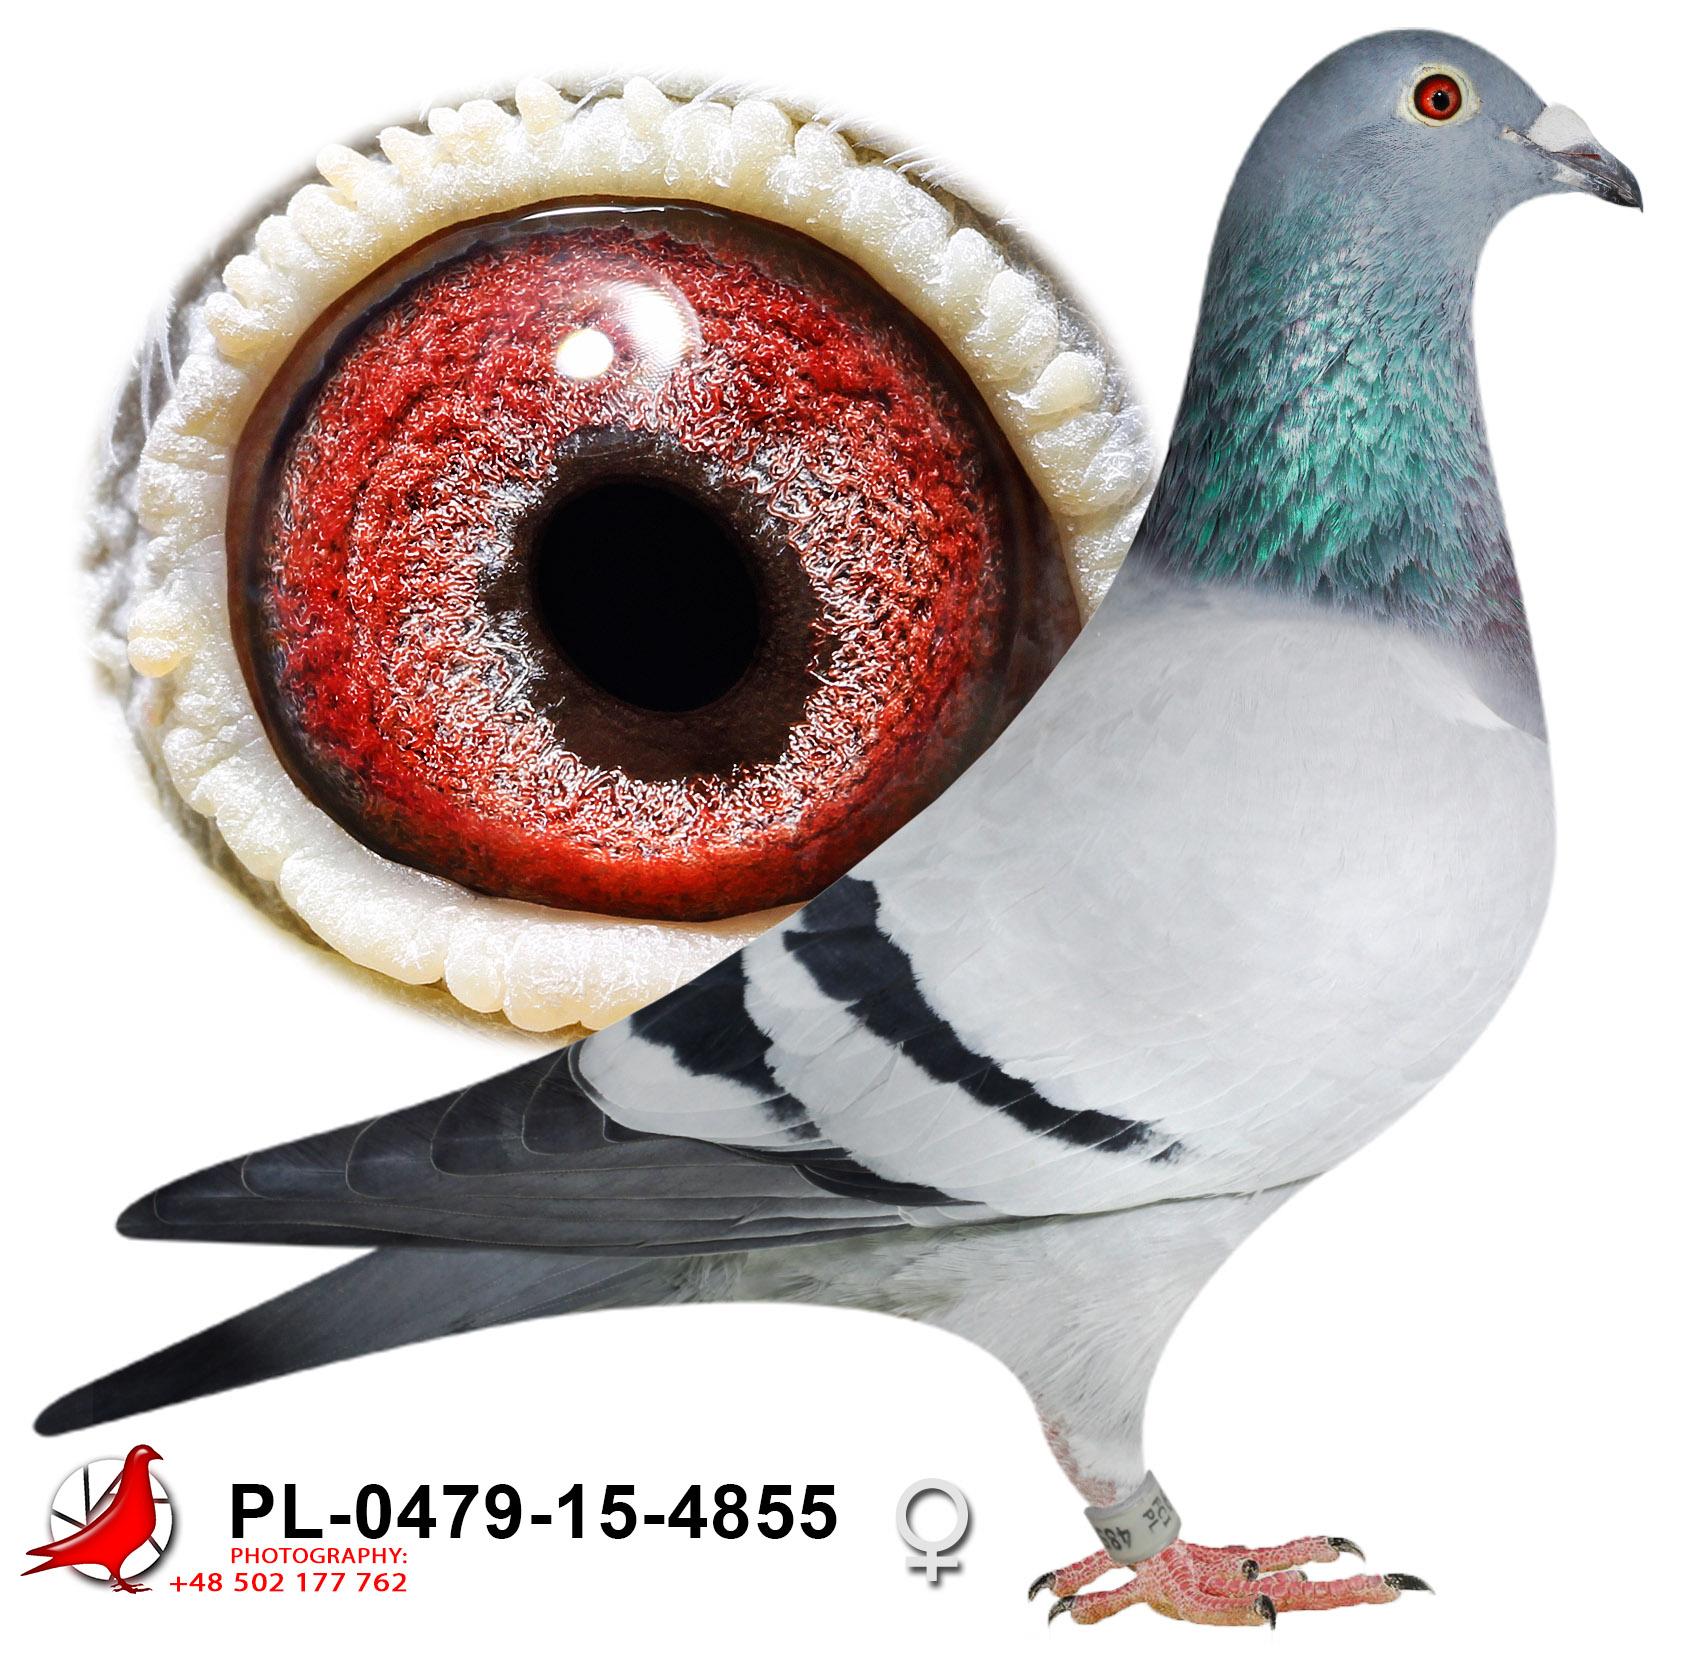 pl-0479-15-4855_h